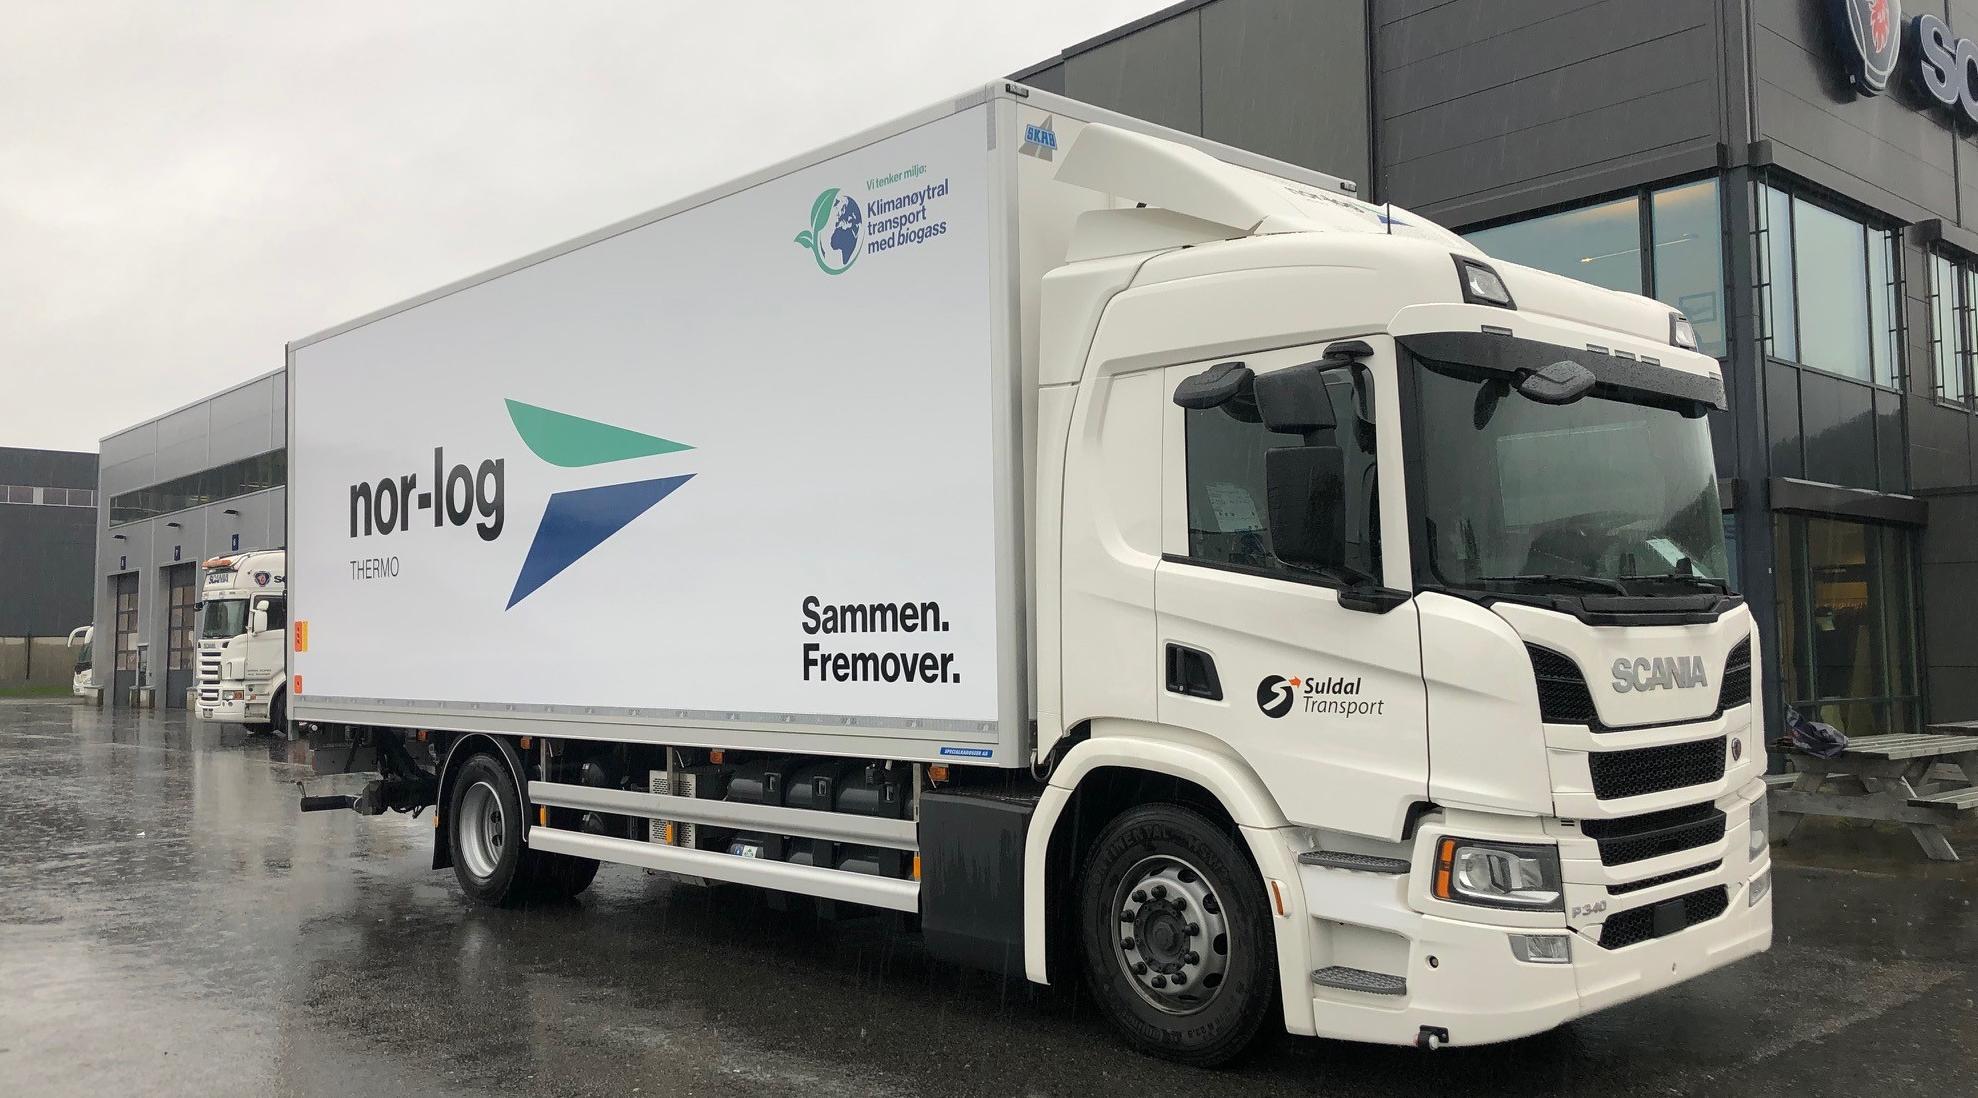 Nor-log Group chose Maritech logistics software